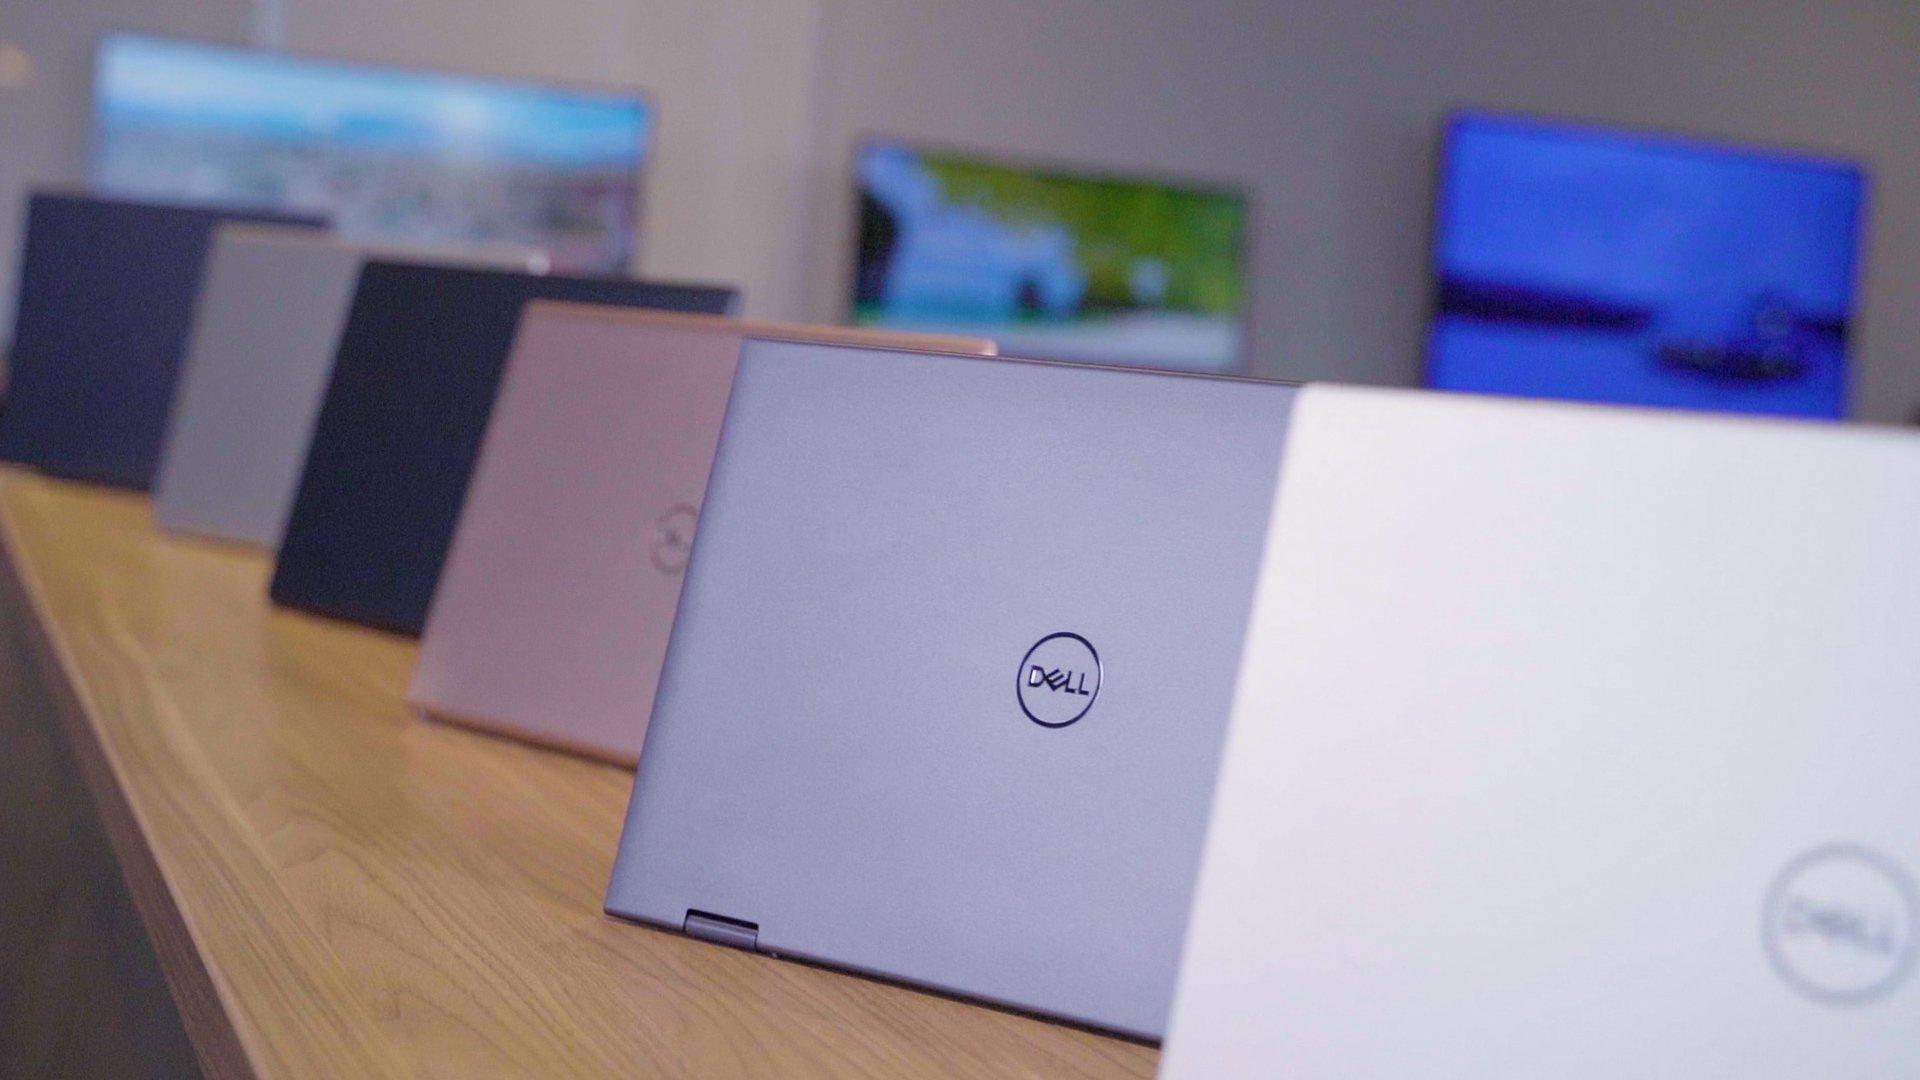 Уязвимость удаленного выполнения кода затрагивает миллионы устройств Dell